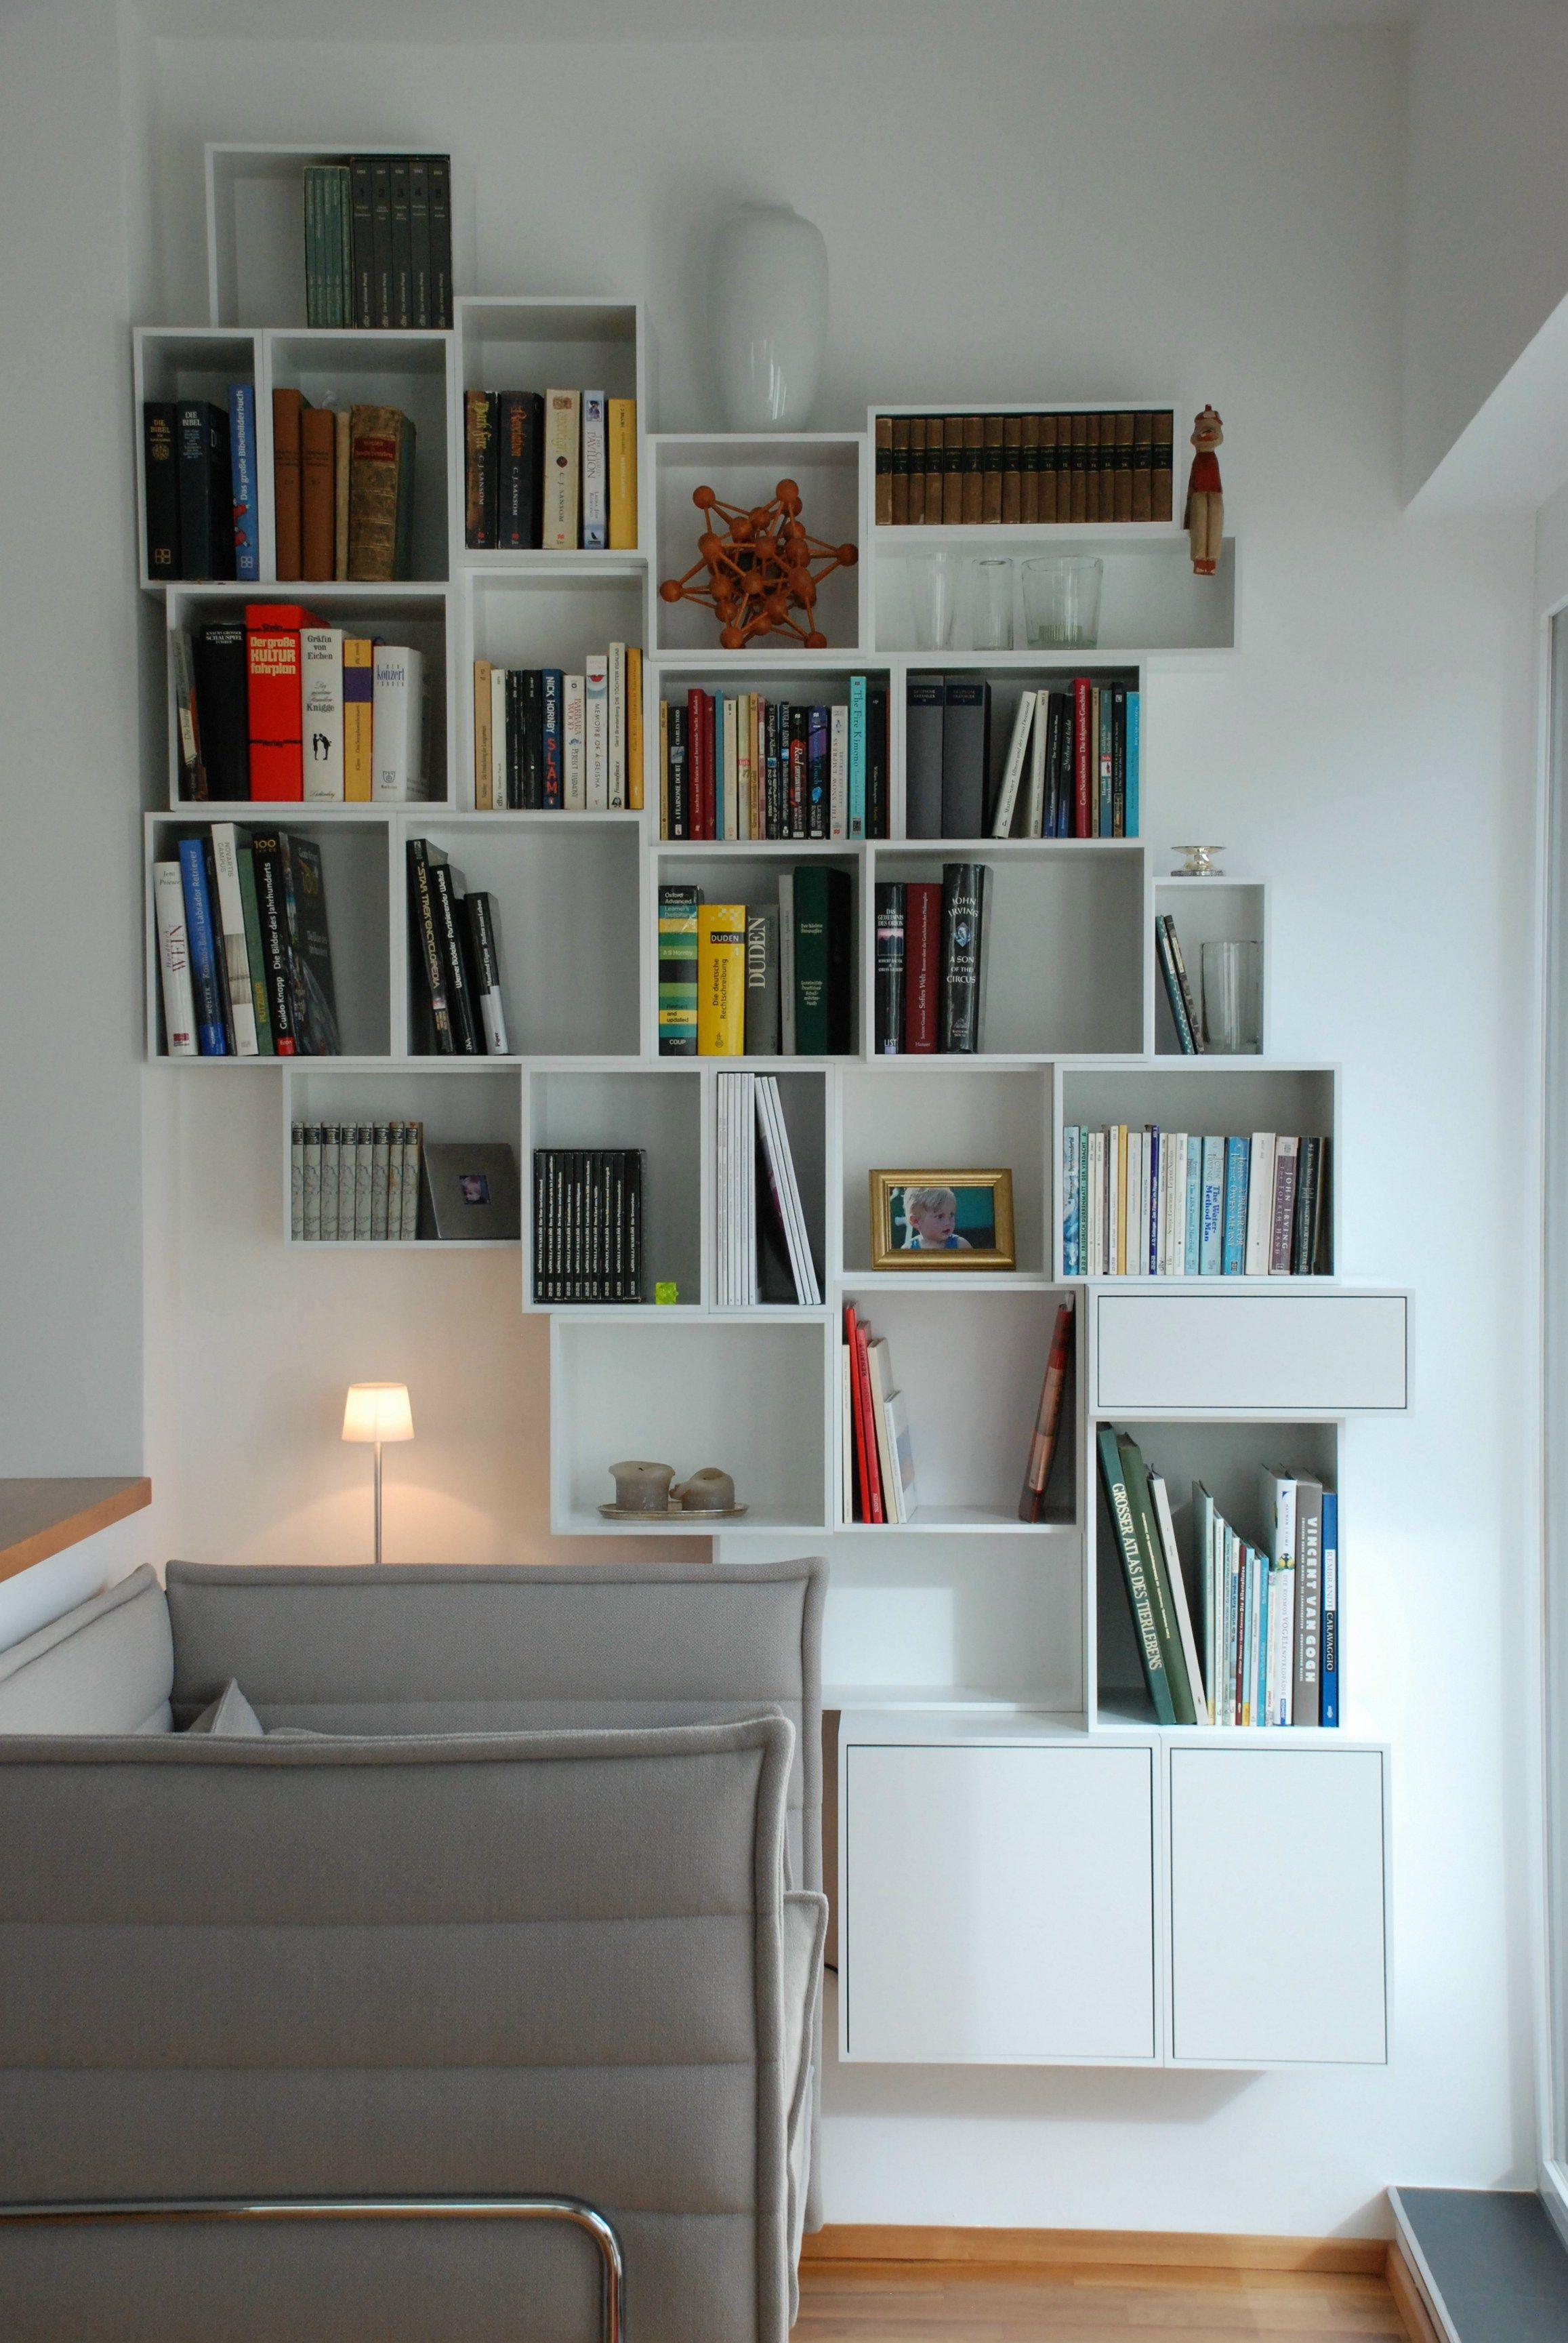 Contemporary Style Bookcase Sectional Modular Bookcase By Cubit By Mymito Design Cubit Idee Scaffale Librerie A Parete Design Camera Da Letto Piccola